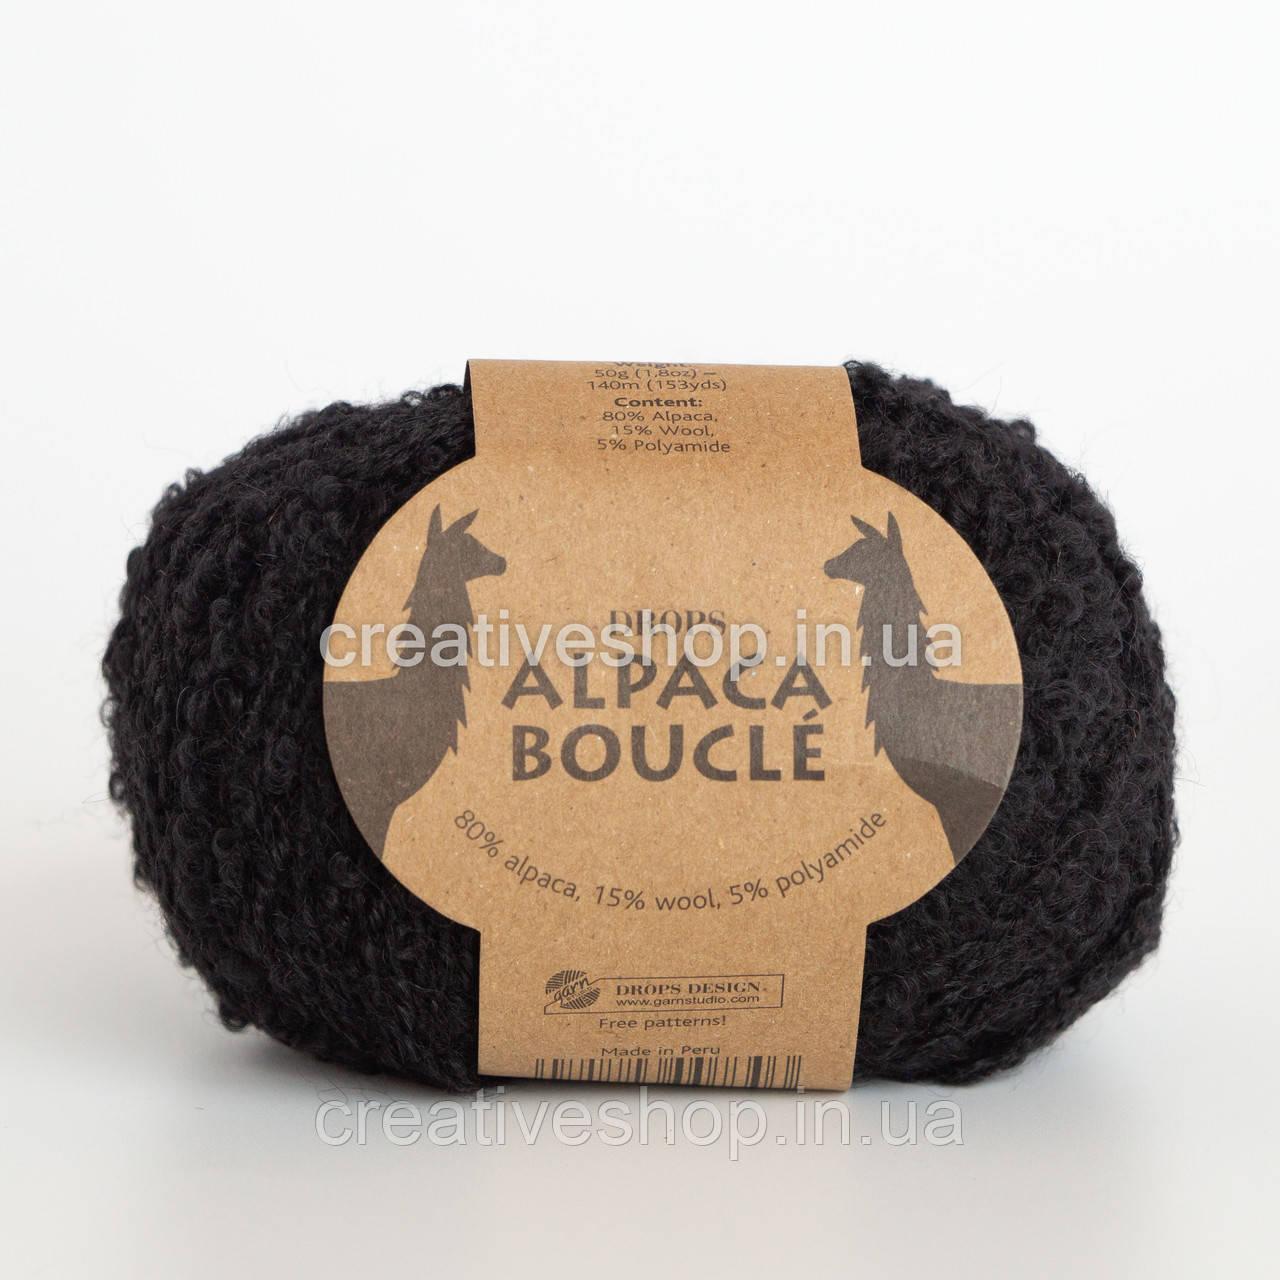 Пряжа DROPS Alpaca Bouclé (цвет 8903 black)